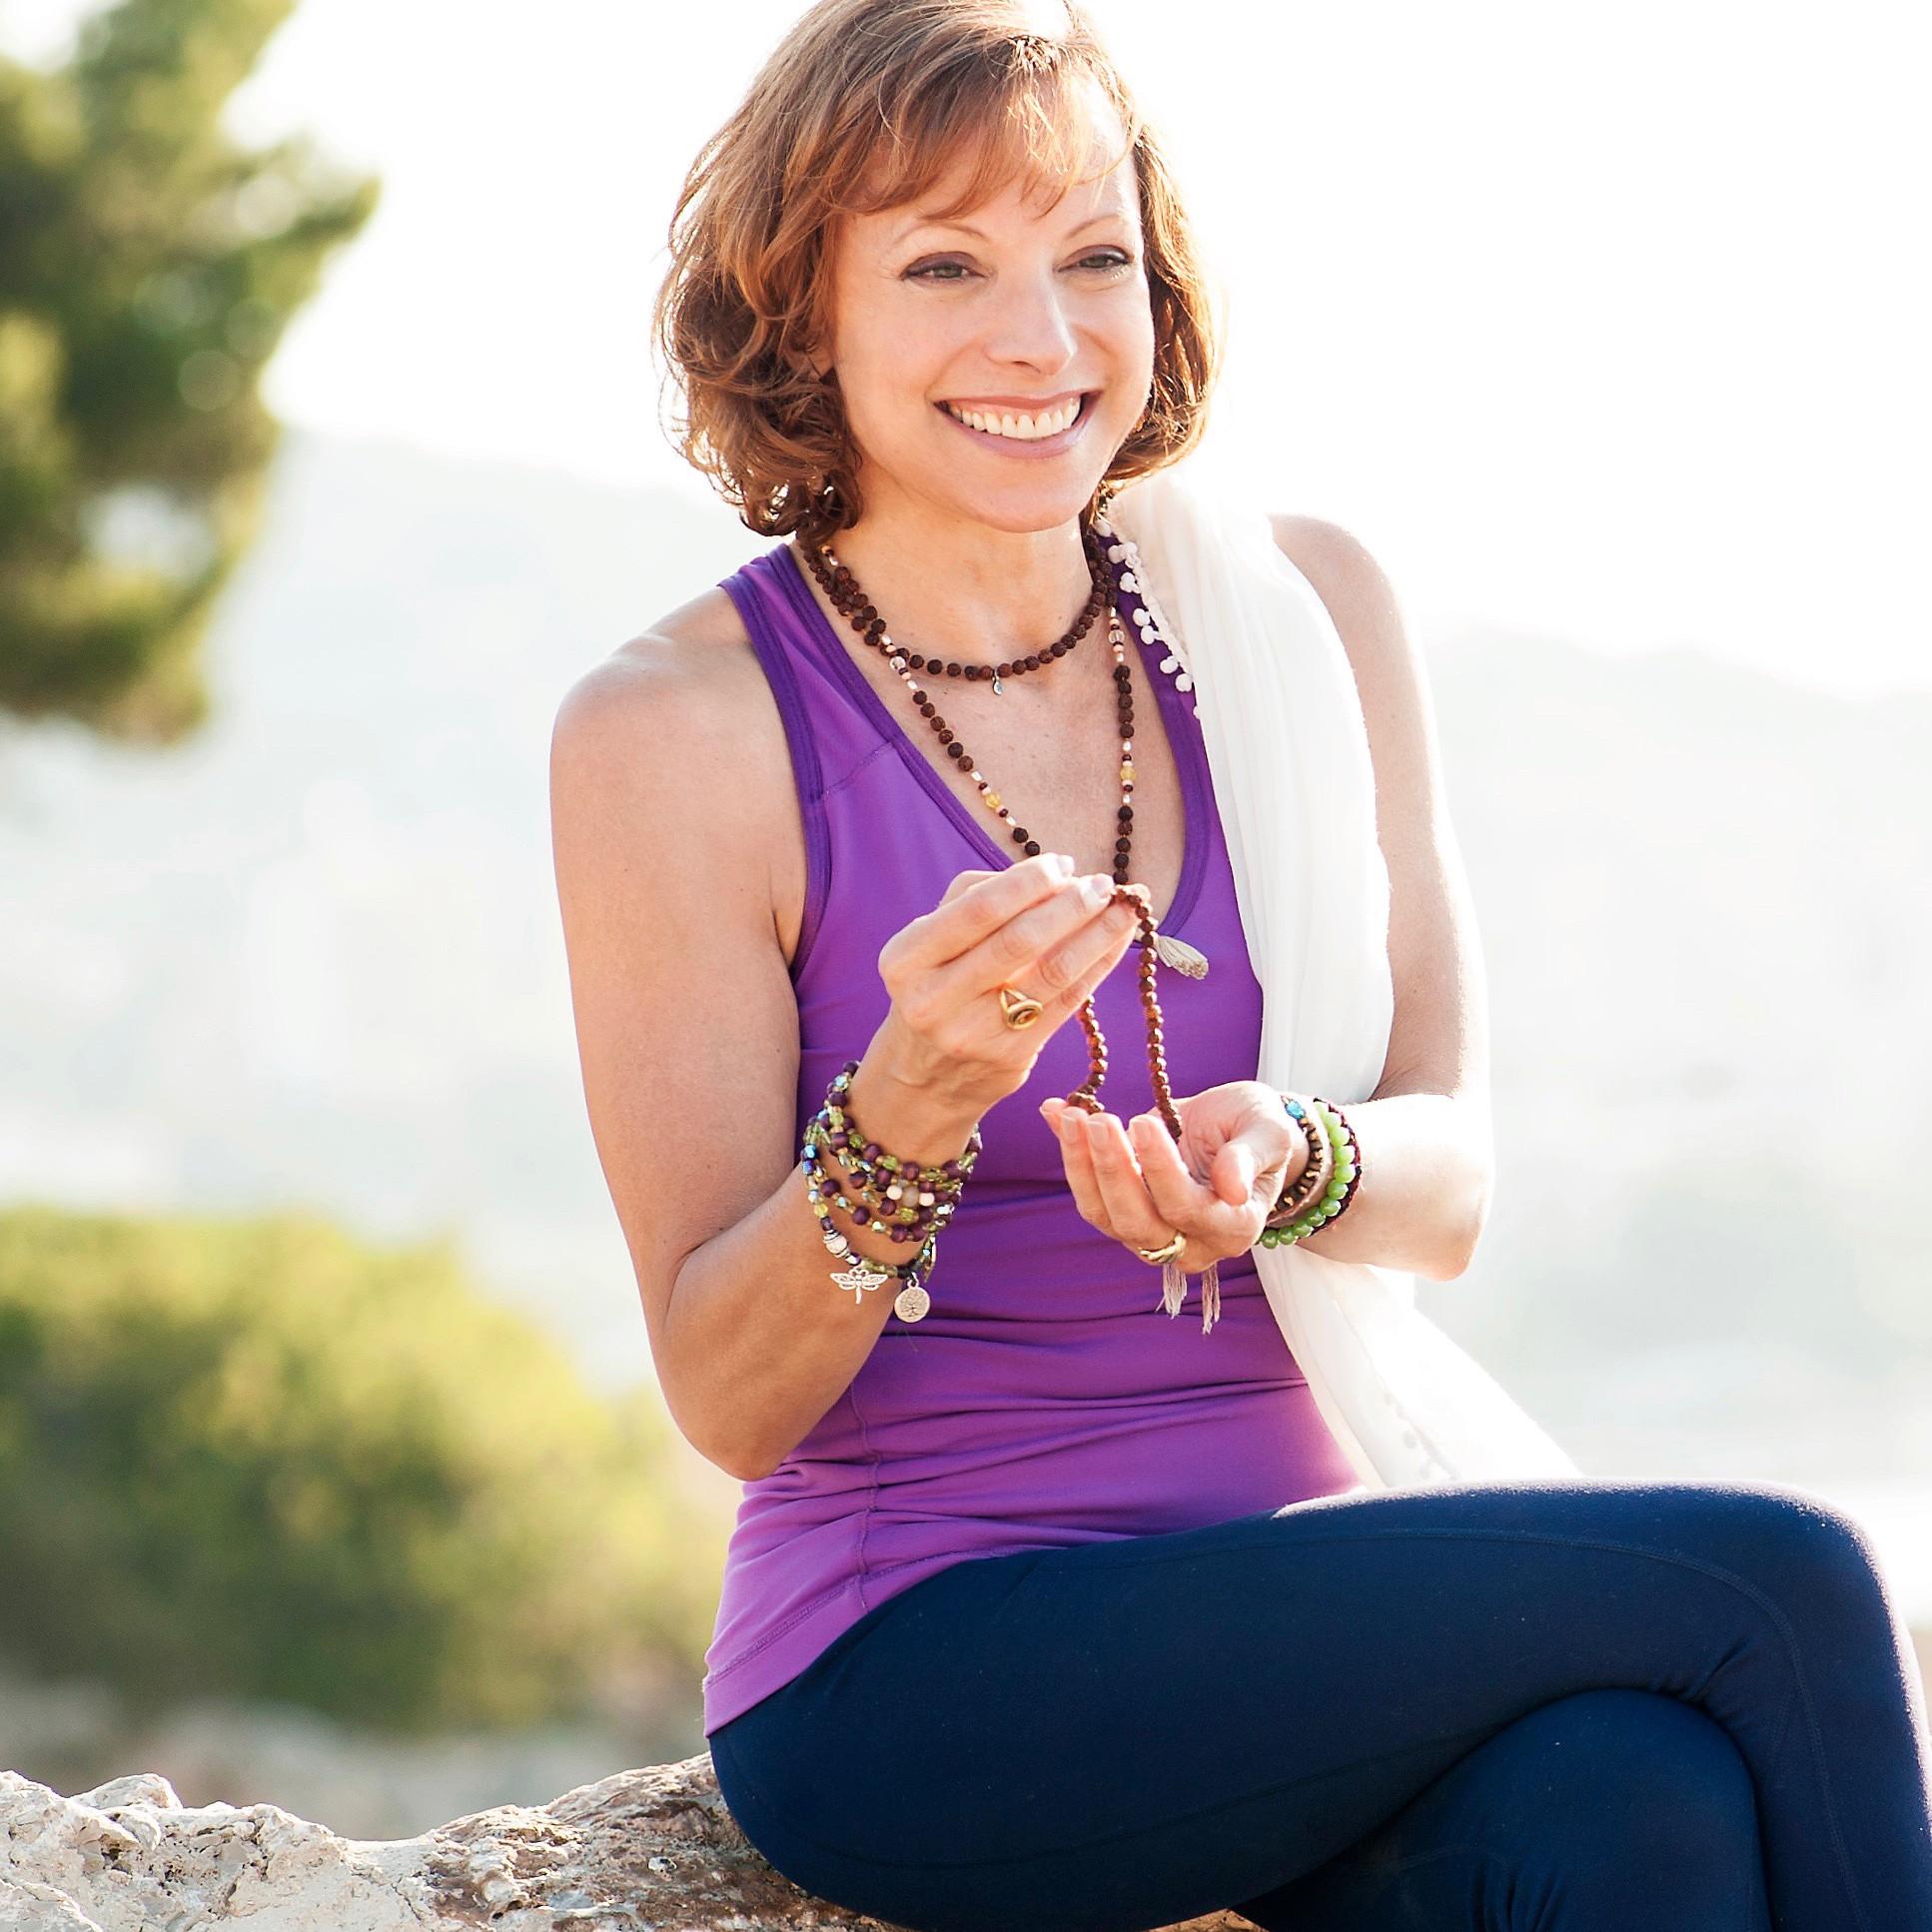 jeanne-heileman-yoga-teacher-trainer-9